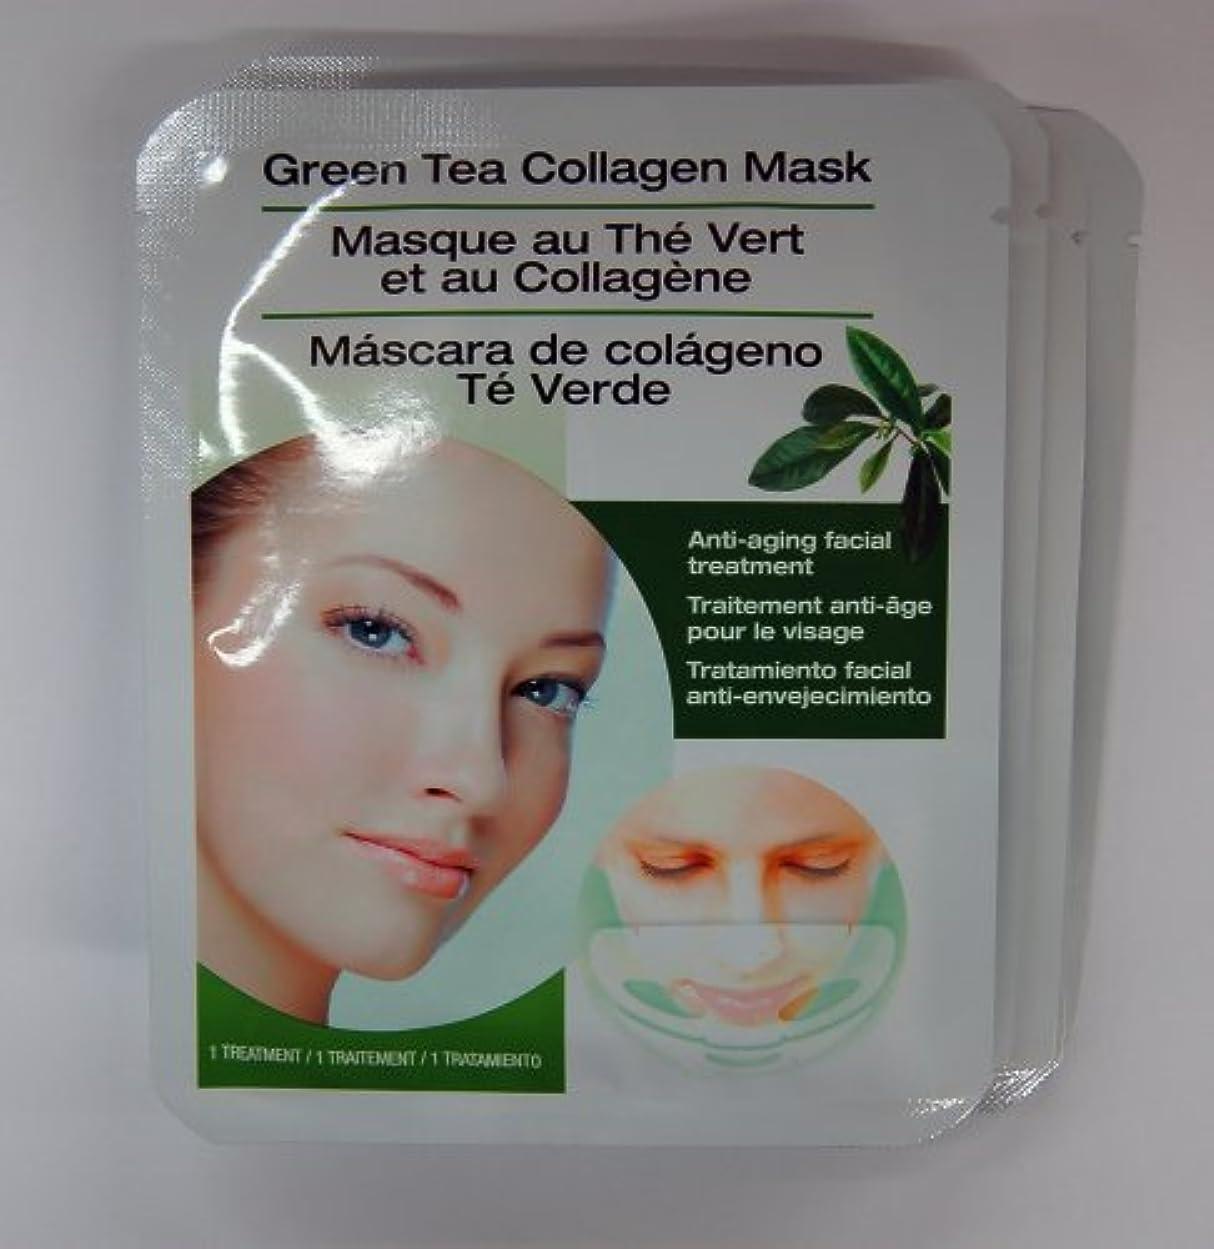 ゴミ箱を空にする平野ポルトガル語Dermactin-TS コラーゲンマスク、緑茶 (並行輸入品)